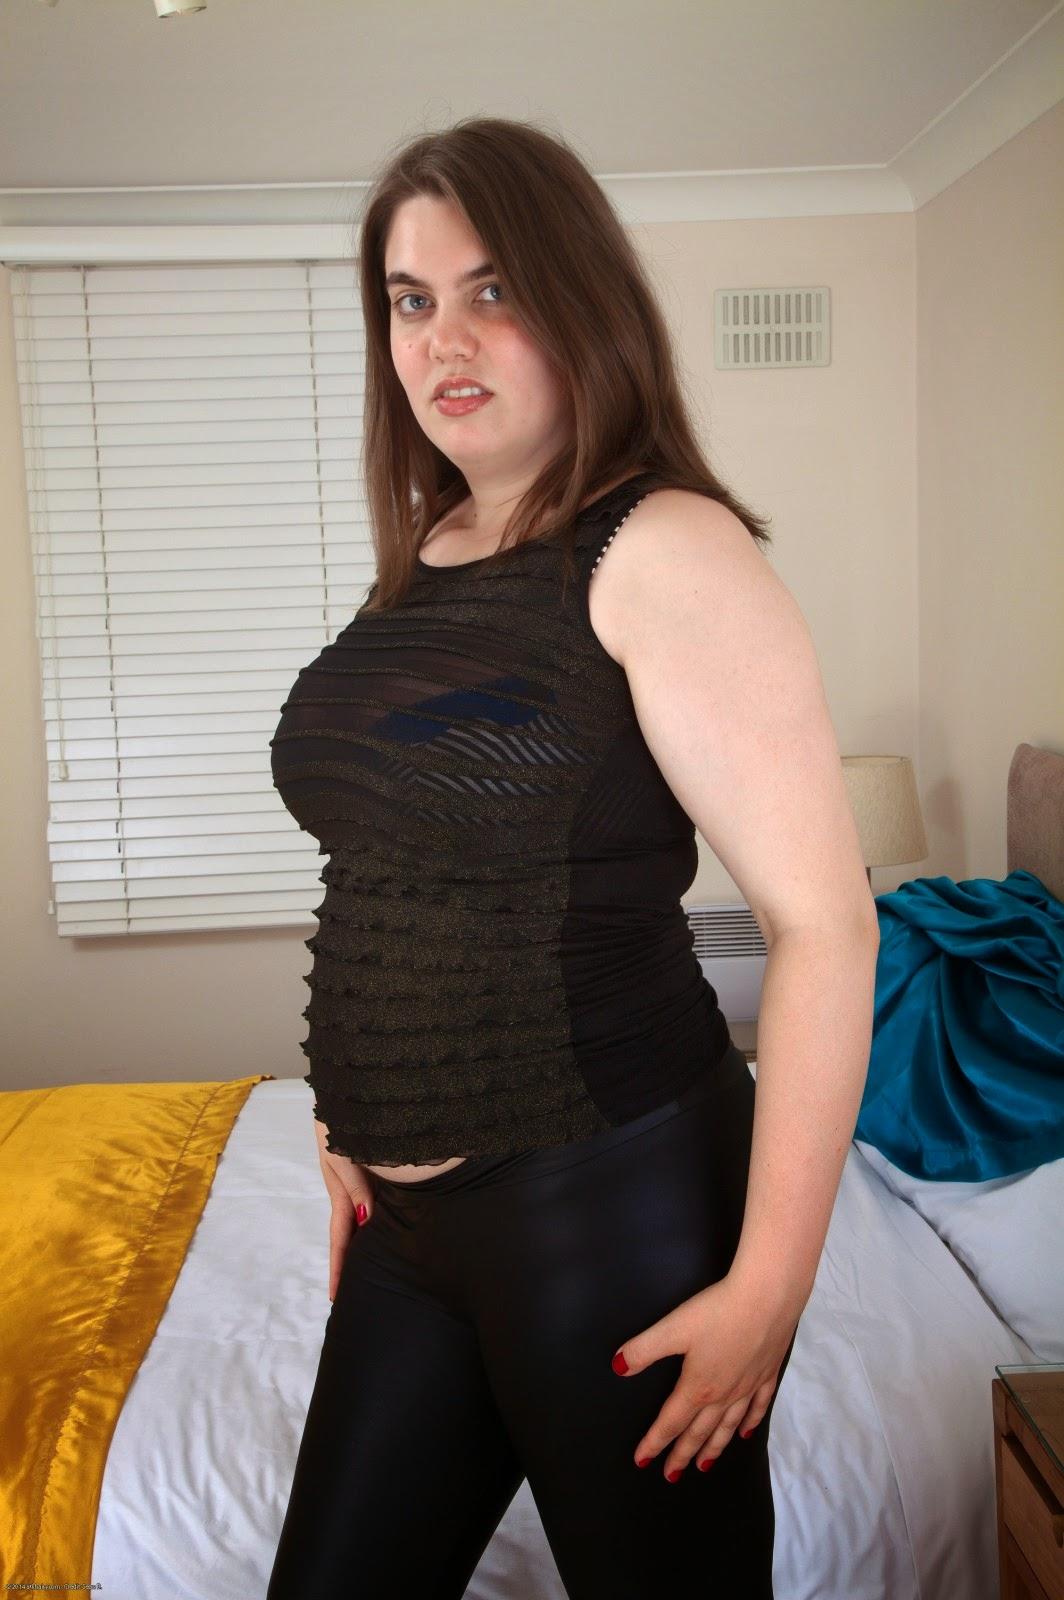 Skinny mature women fucking